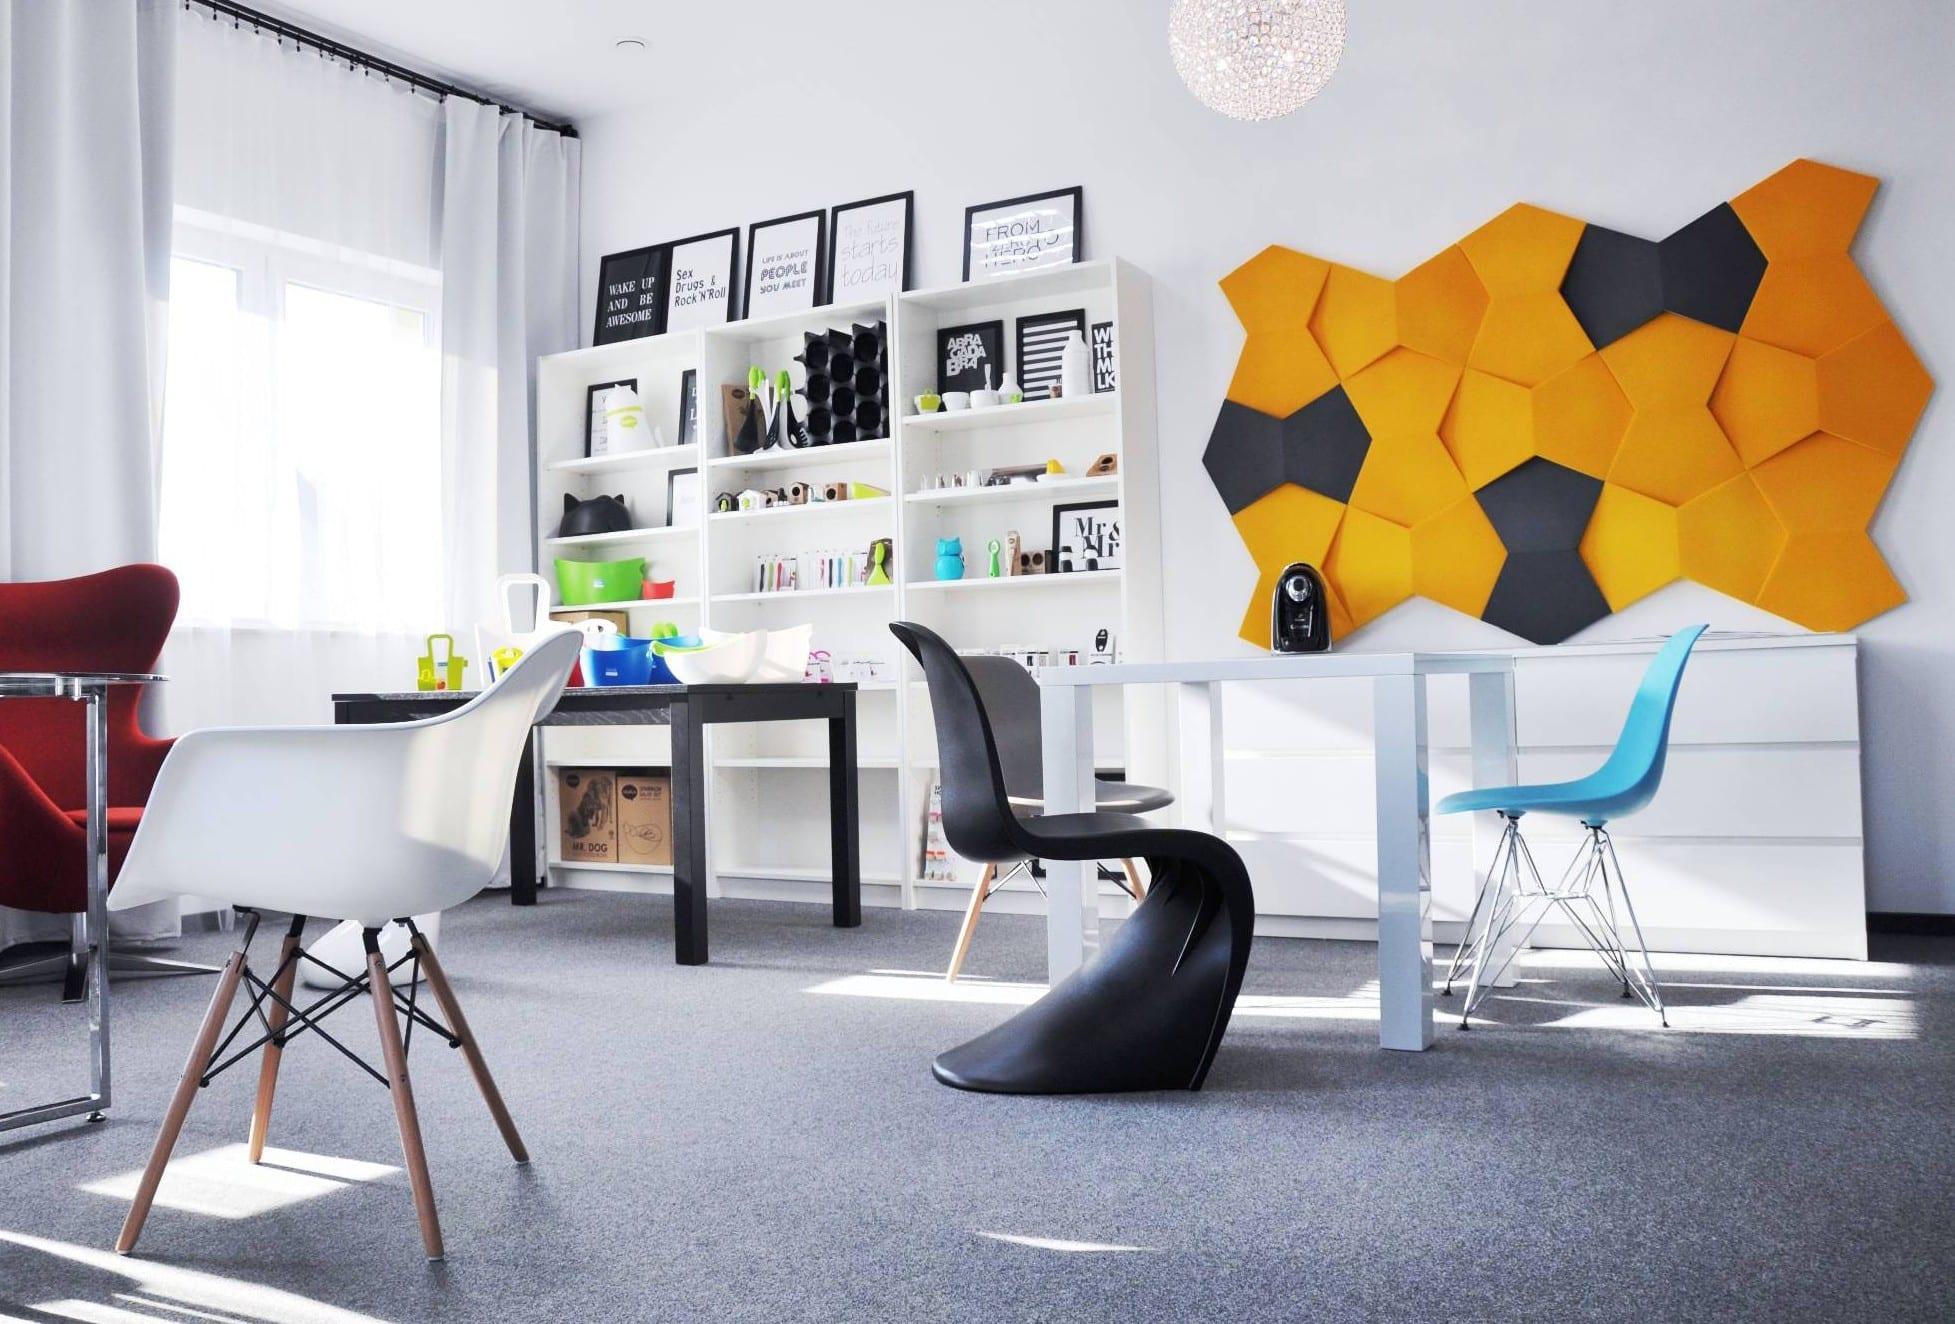 wohnidee f r moderne wandgestaltung und farbgestaltung wohnzimmer und home office freshouse. Black Bedroom Furniture Sets. Home Design Ideas